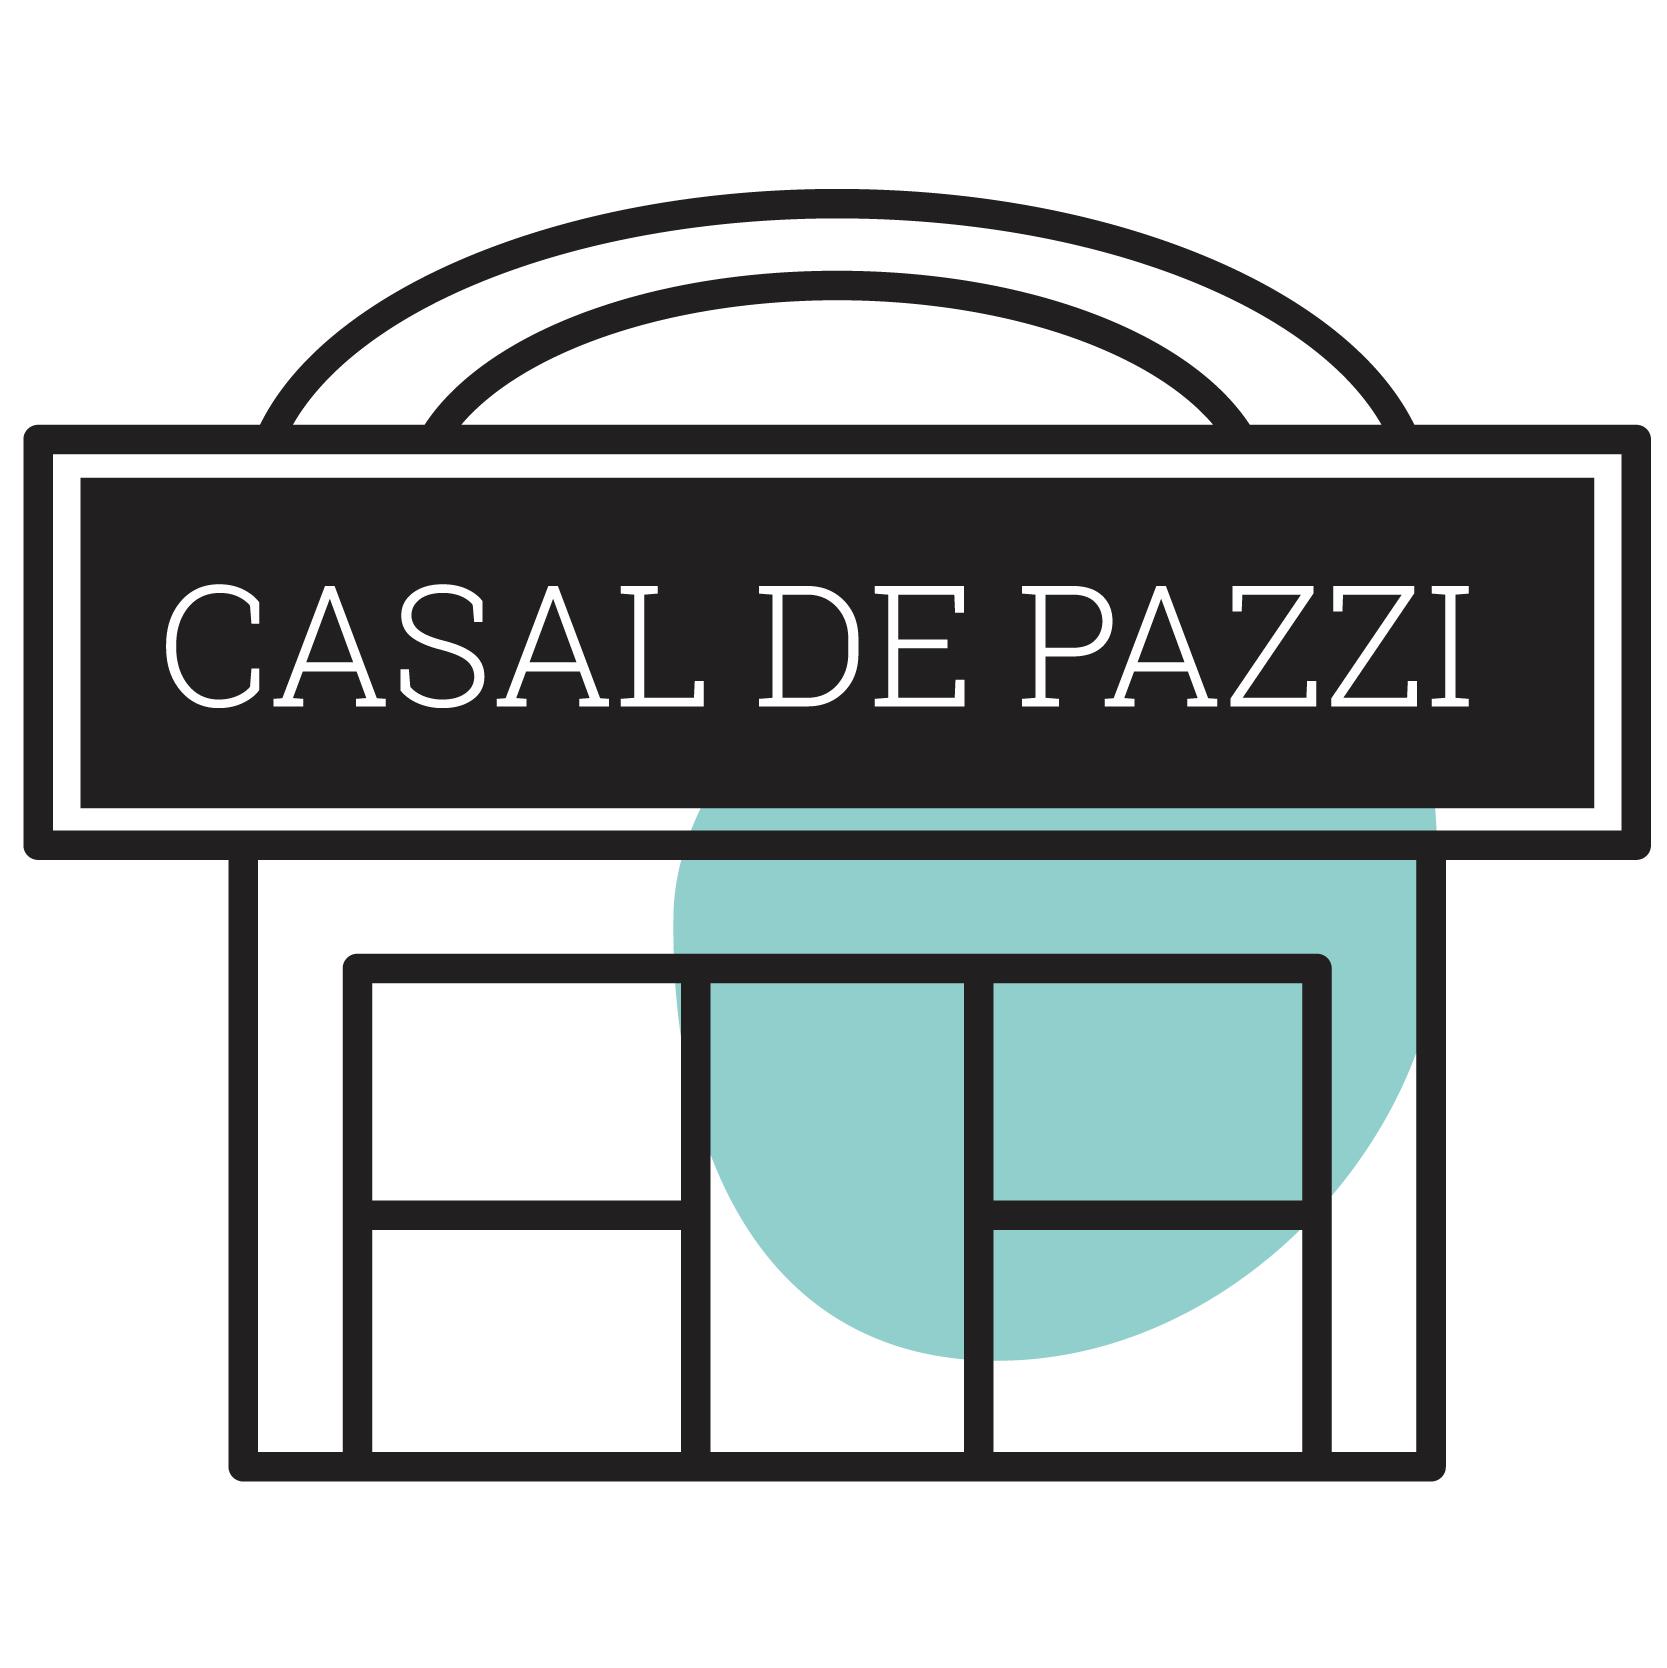 CASAL DE PAZZI